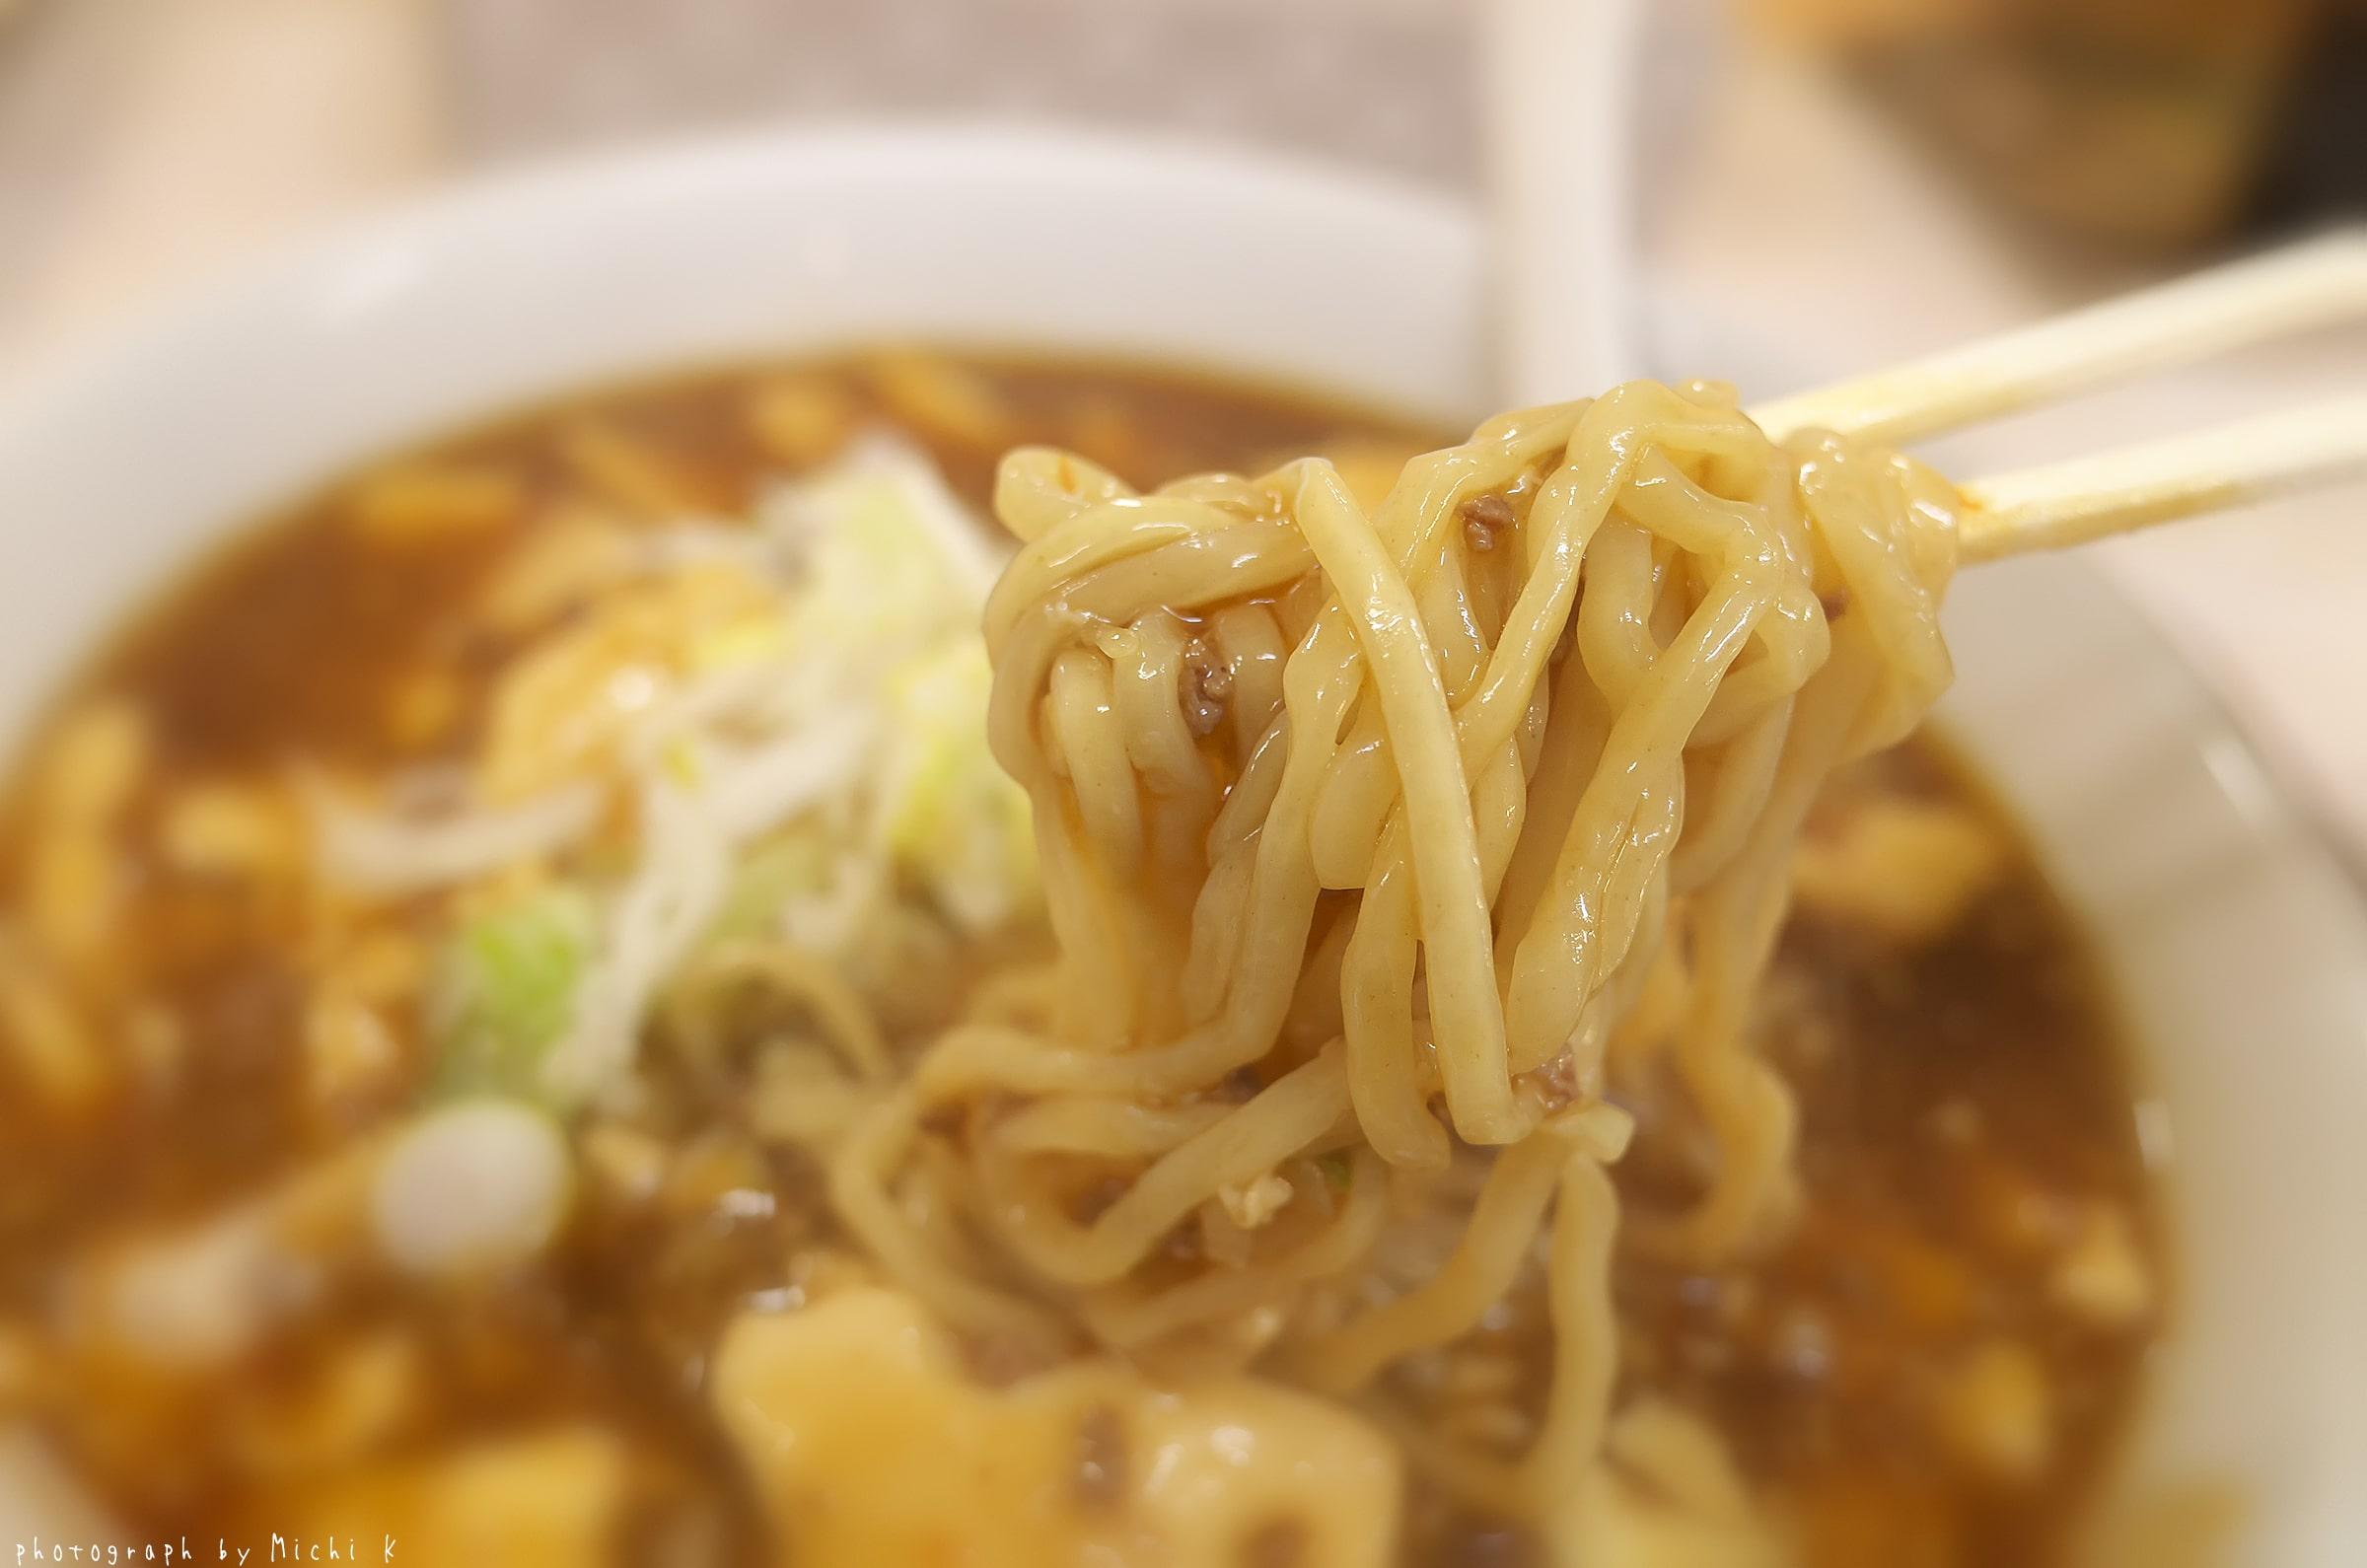 山形県遊佐町「道の駅ふらっと」のマーボー麺(その3)